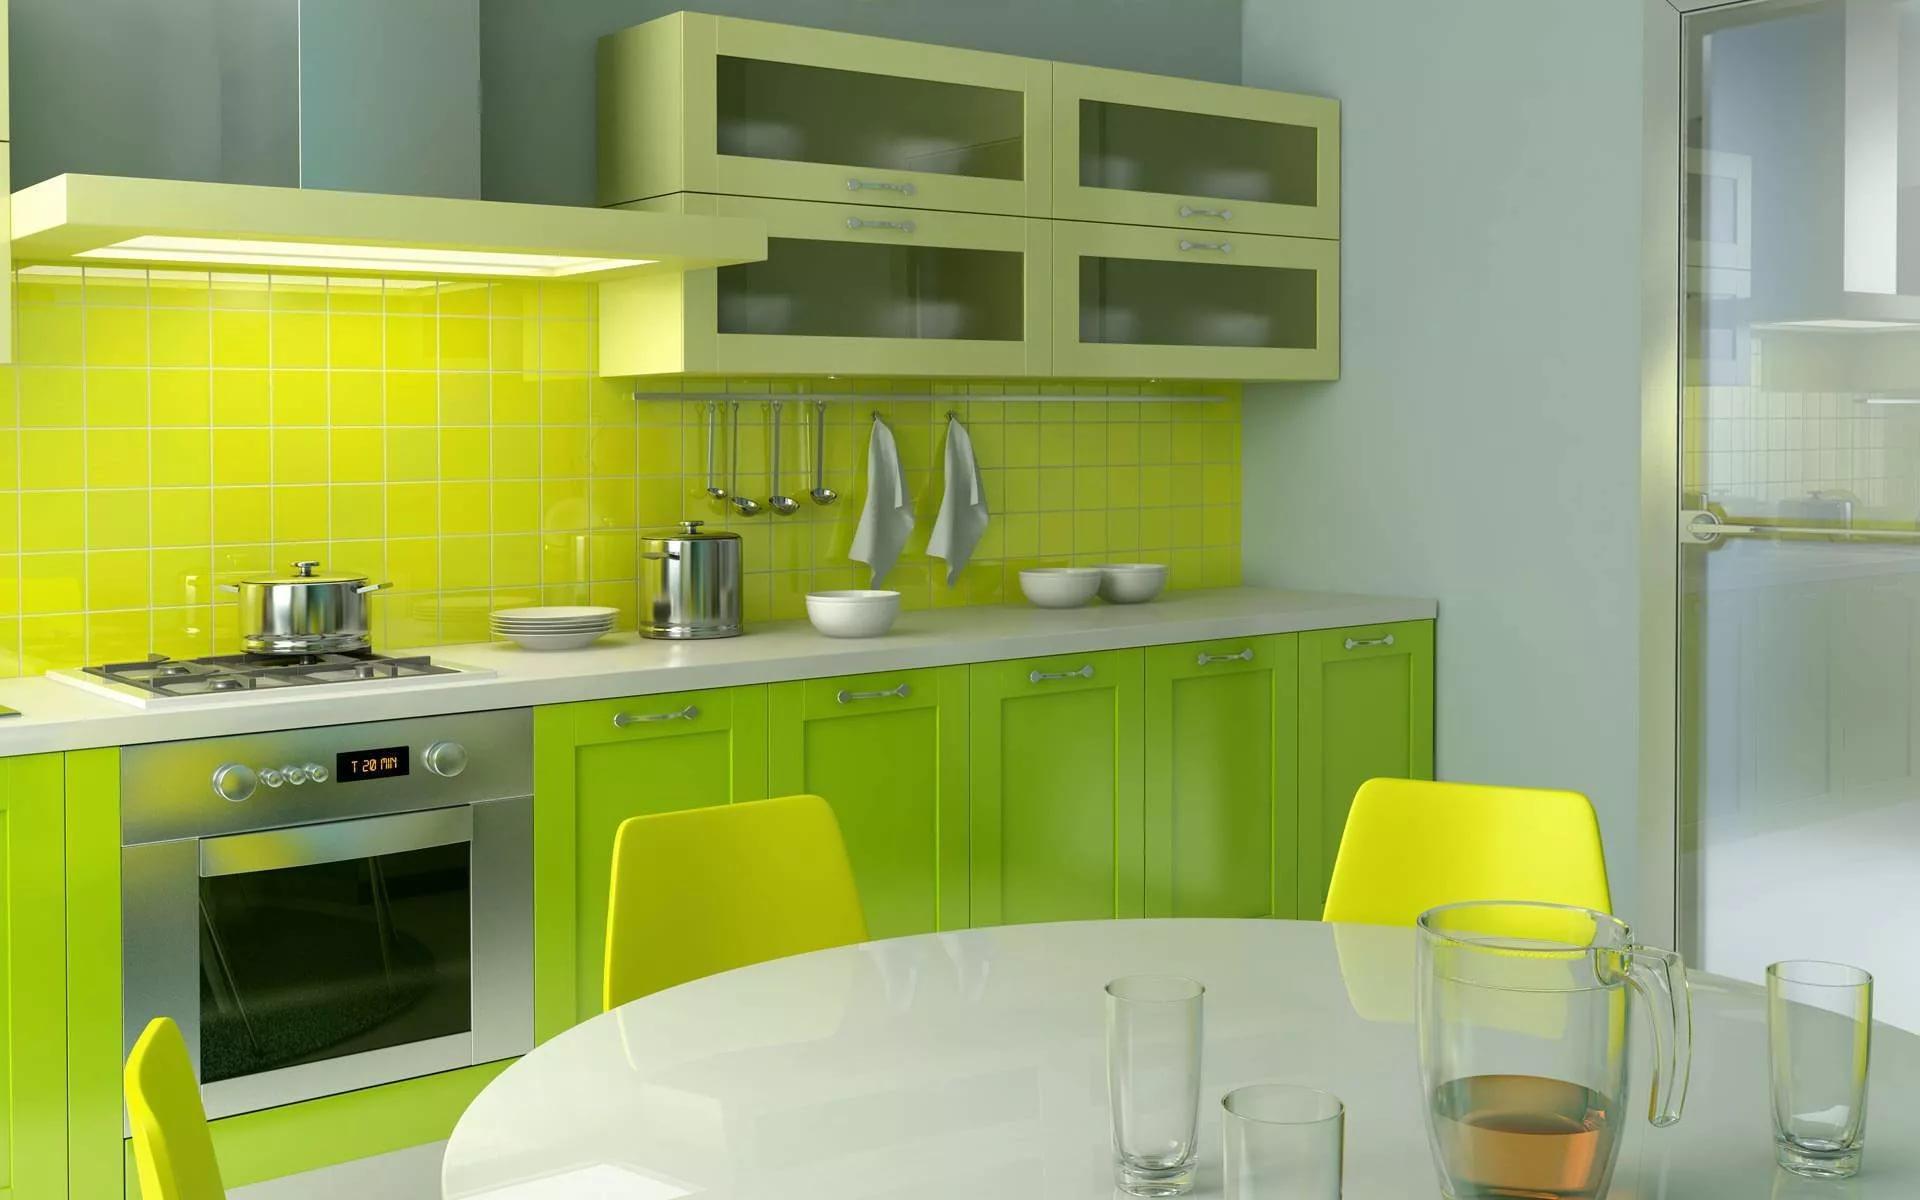 Кухня в двухкомнатной квартире в светло-зеленых тонах